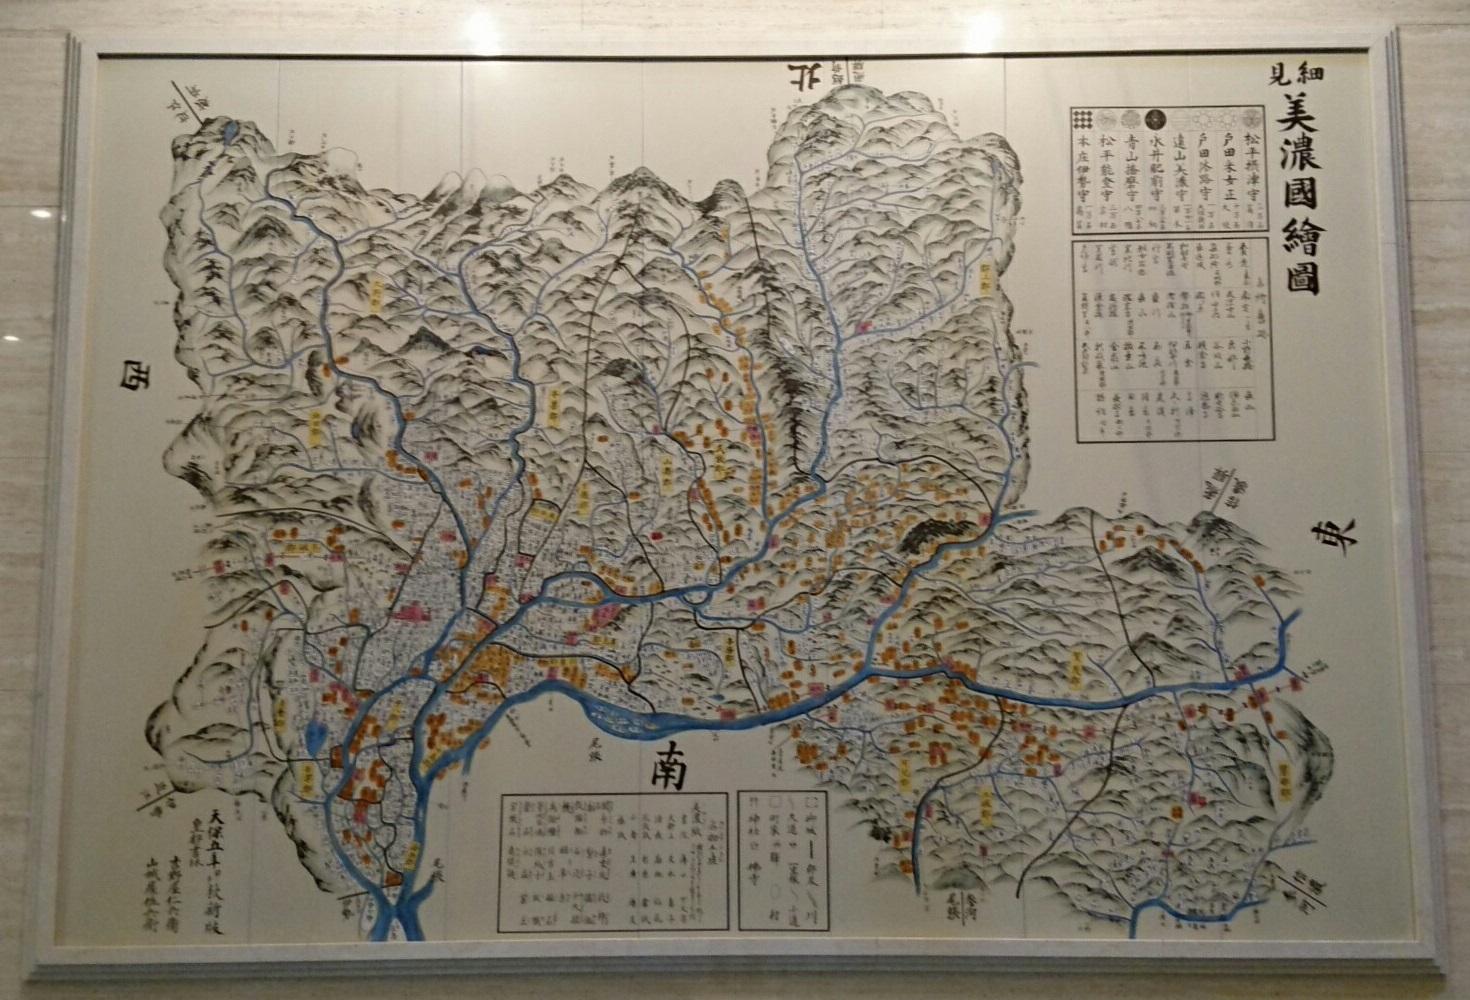 2018.5.4 岐阜市歴史博物館 (1) 美濃のくにえず(1834年) - 全体 1470-1000